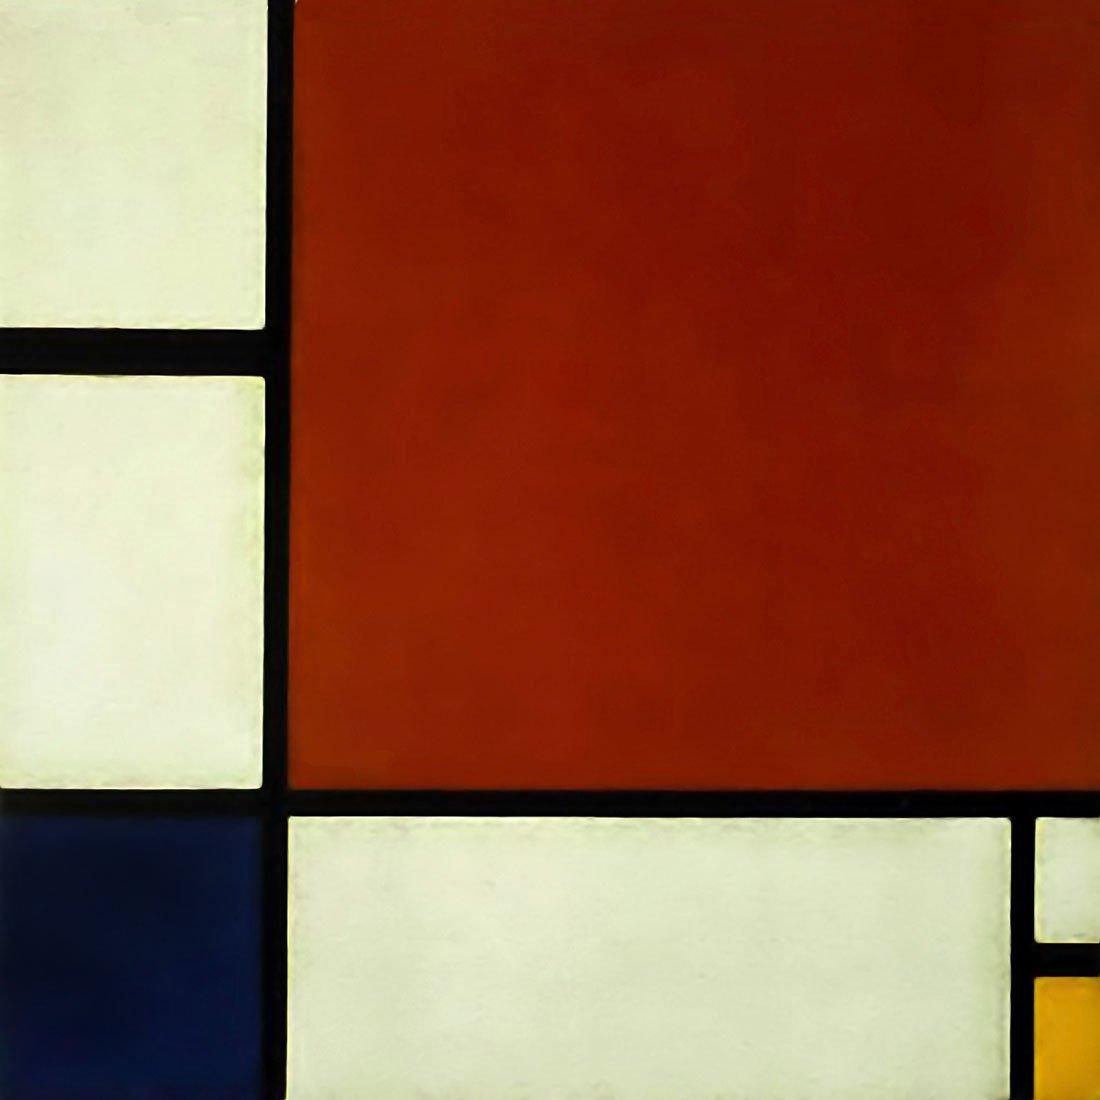 コンポジションII - Mondrian – キャンバスまたは壁アートプリント Fine Paper - 20 x 20 Fine Paper - 20 x 20  B008GWQAOY